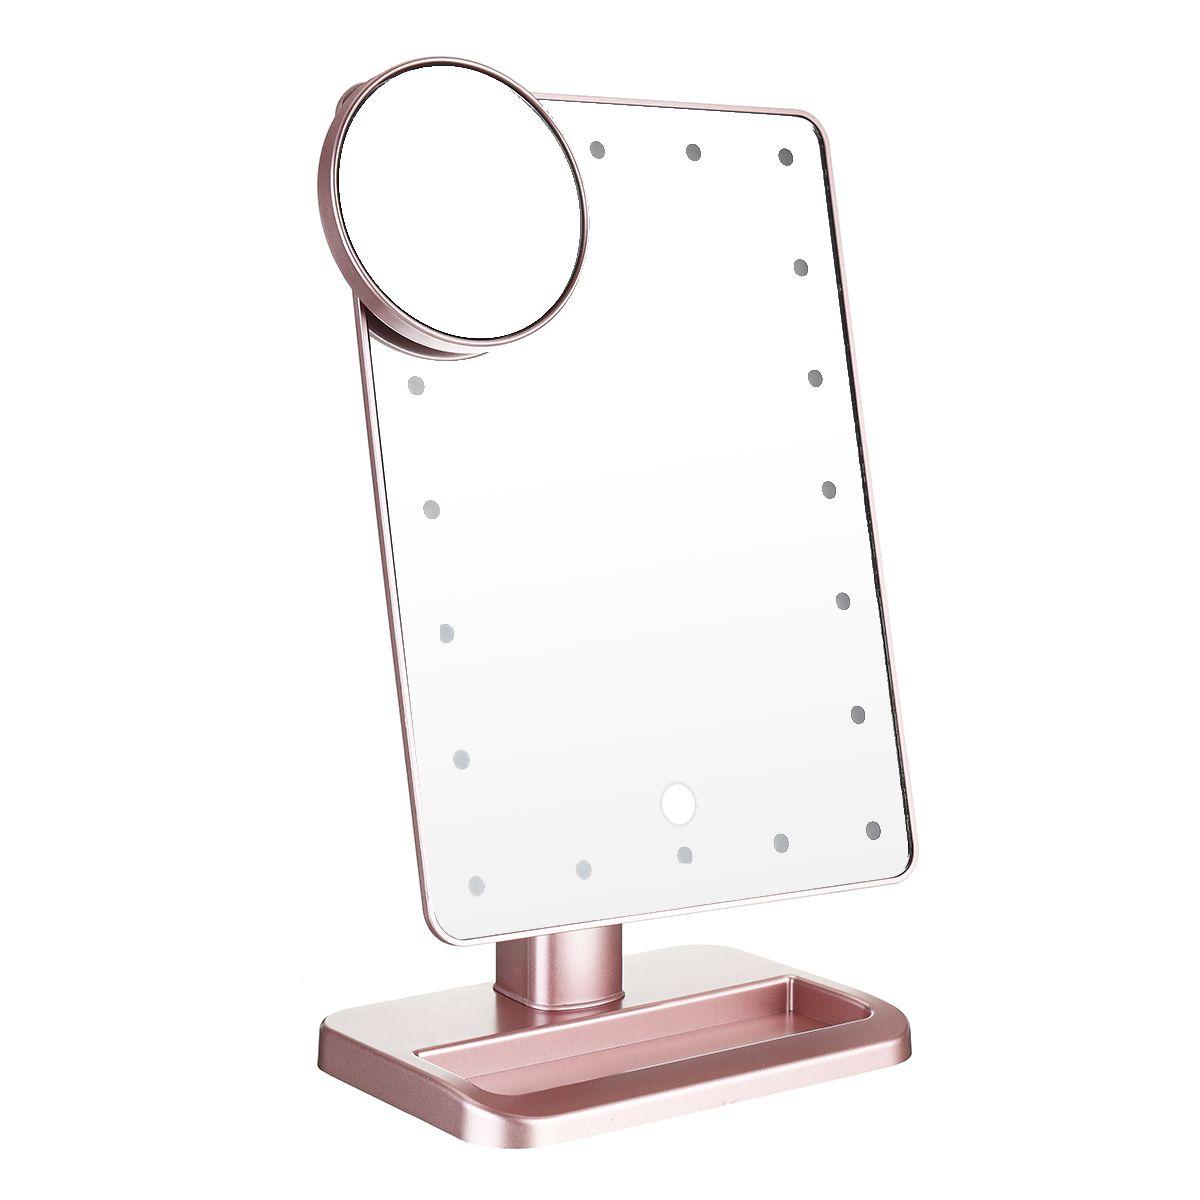 Us 47 63 10 Fache Vergrosserung Led Leichte Make Up Kosmetikspiegel Bluetooth Usb Audio Lautsprecher Badezimmer From Haus Und Garten On Banggood Com Makeup Vanity Mirror Led Lights Shaving Mirror